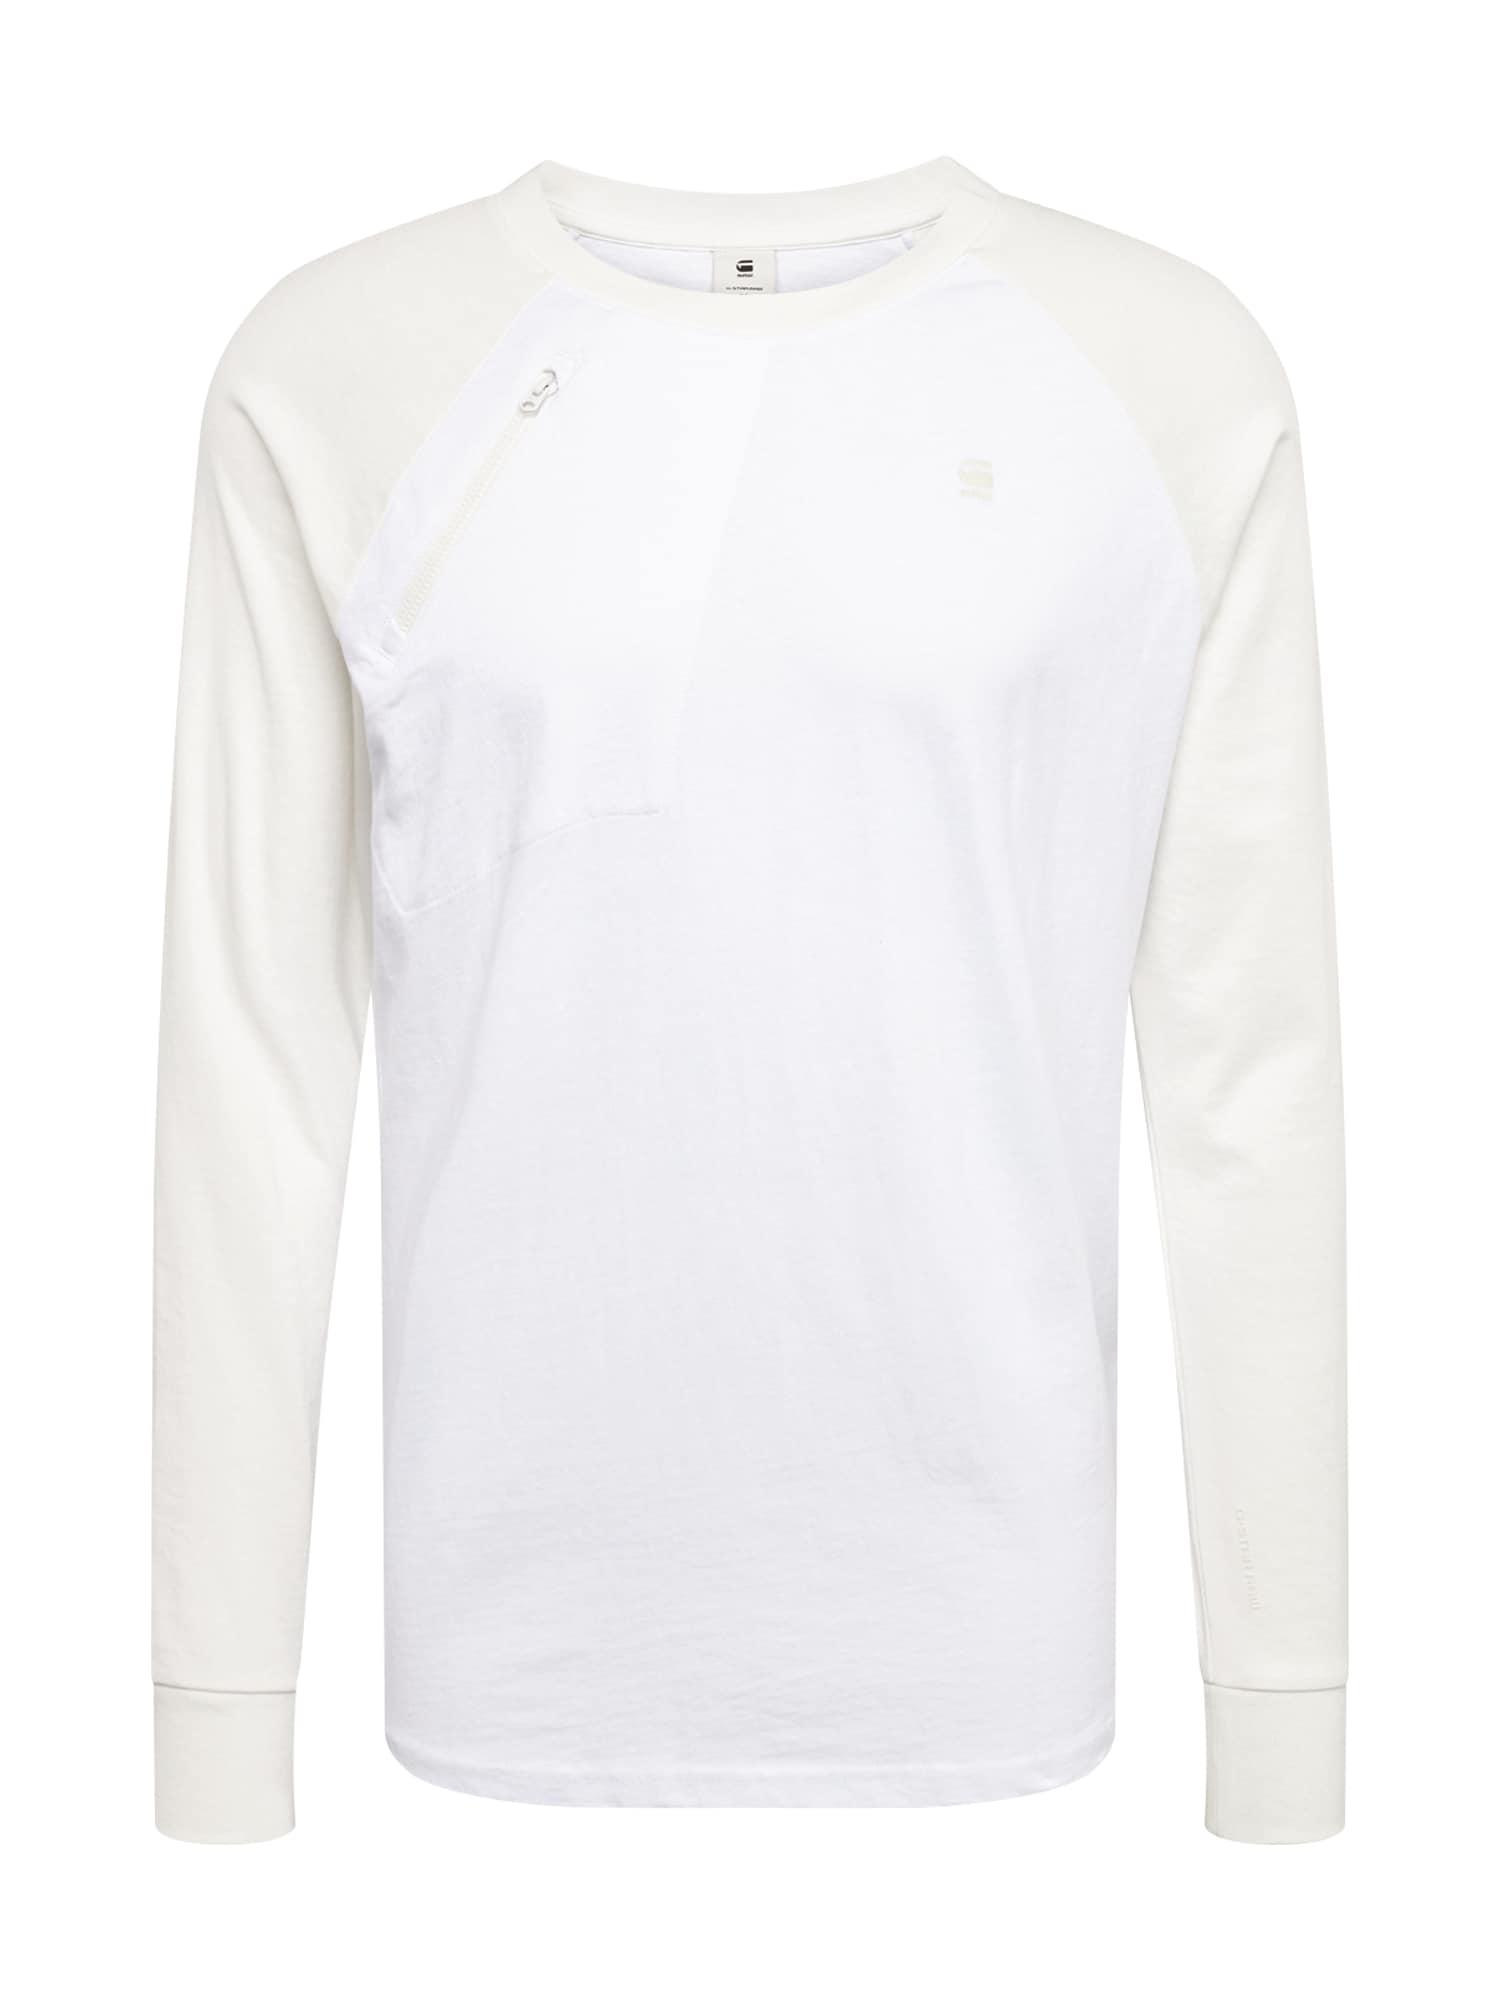 Tričko Ore raglan bílá G-STAR RAW